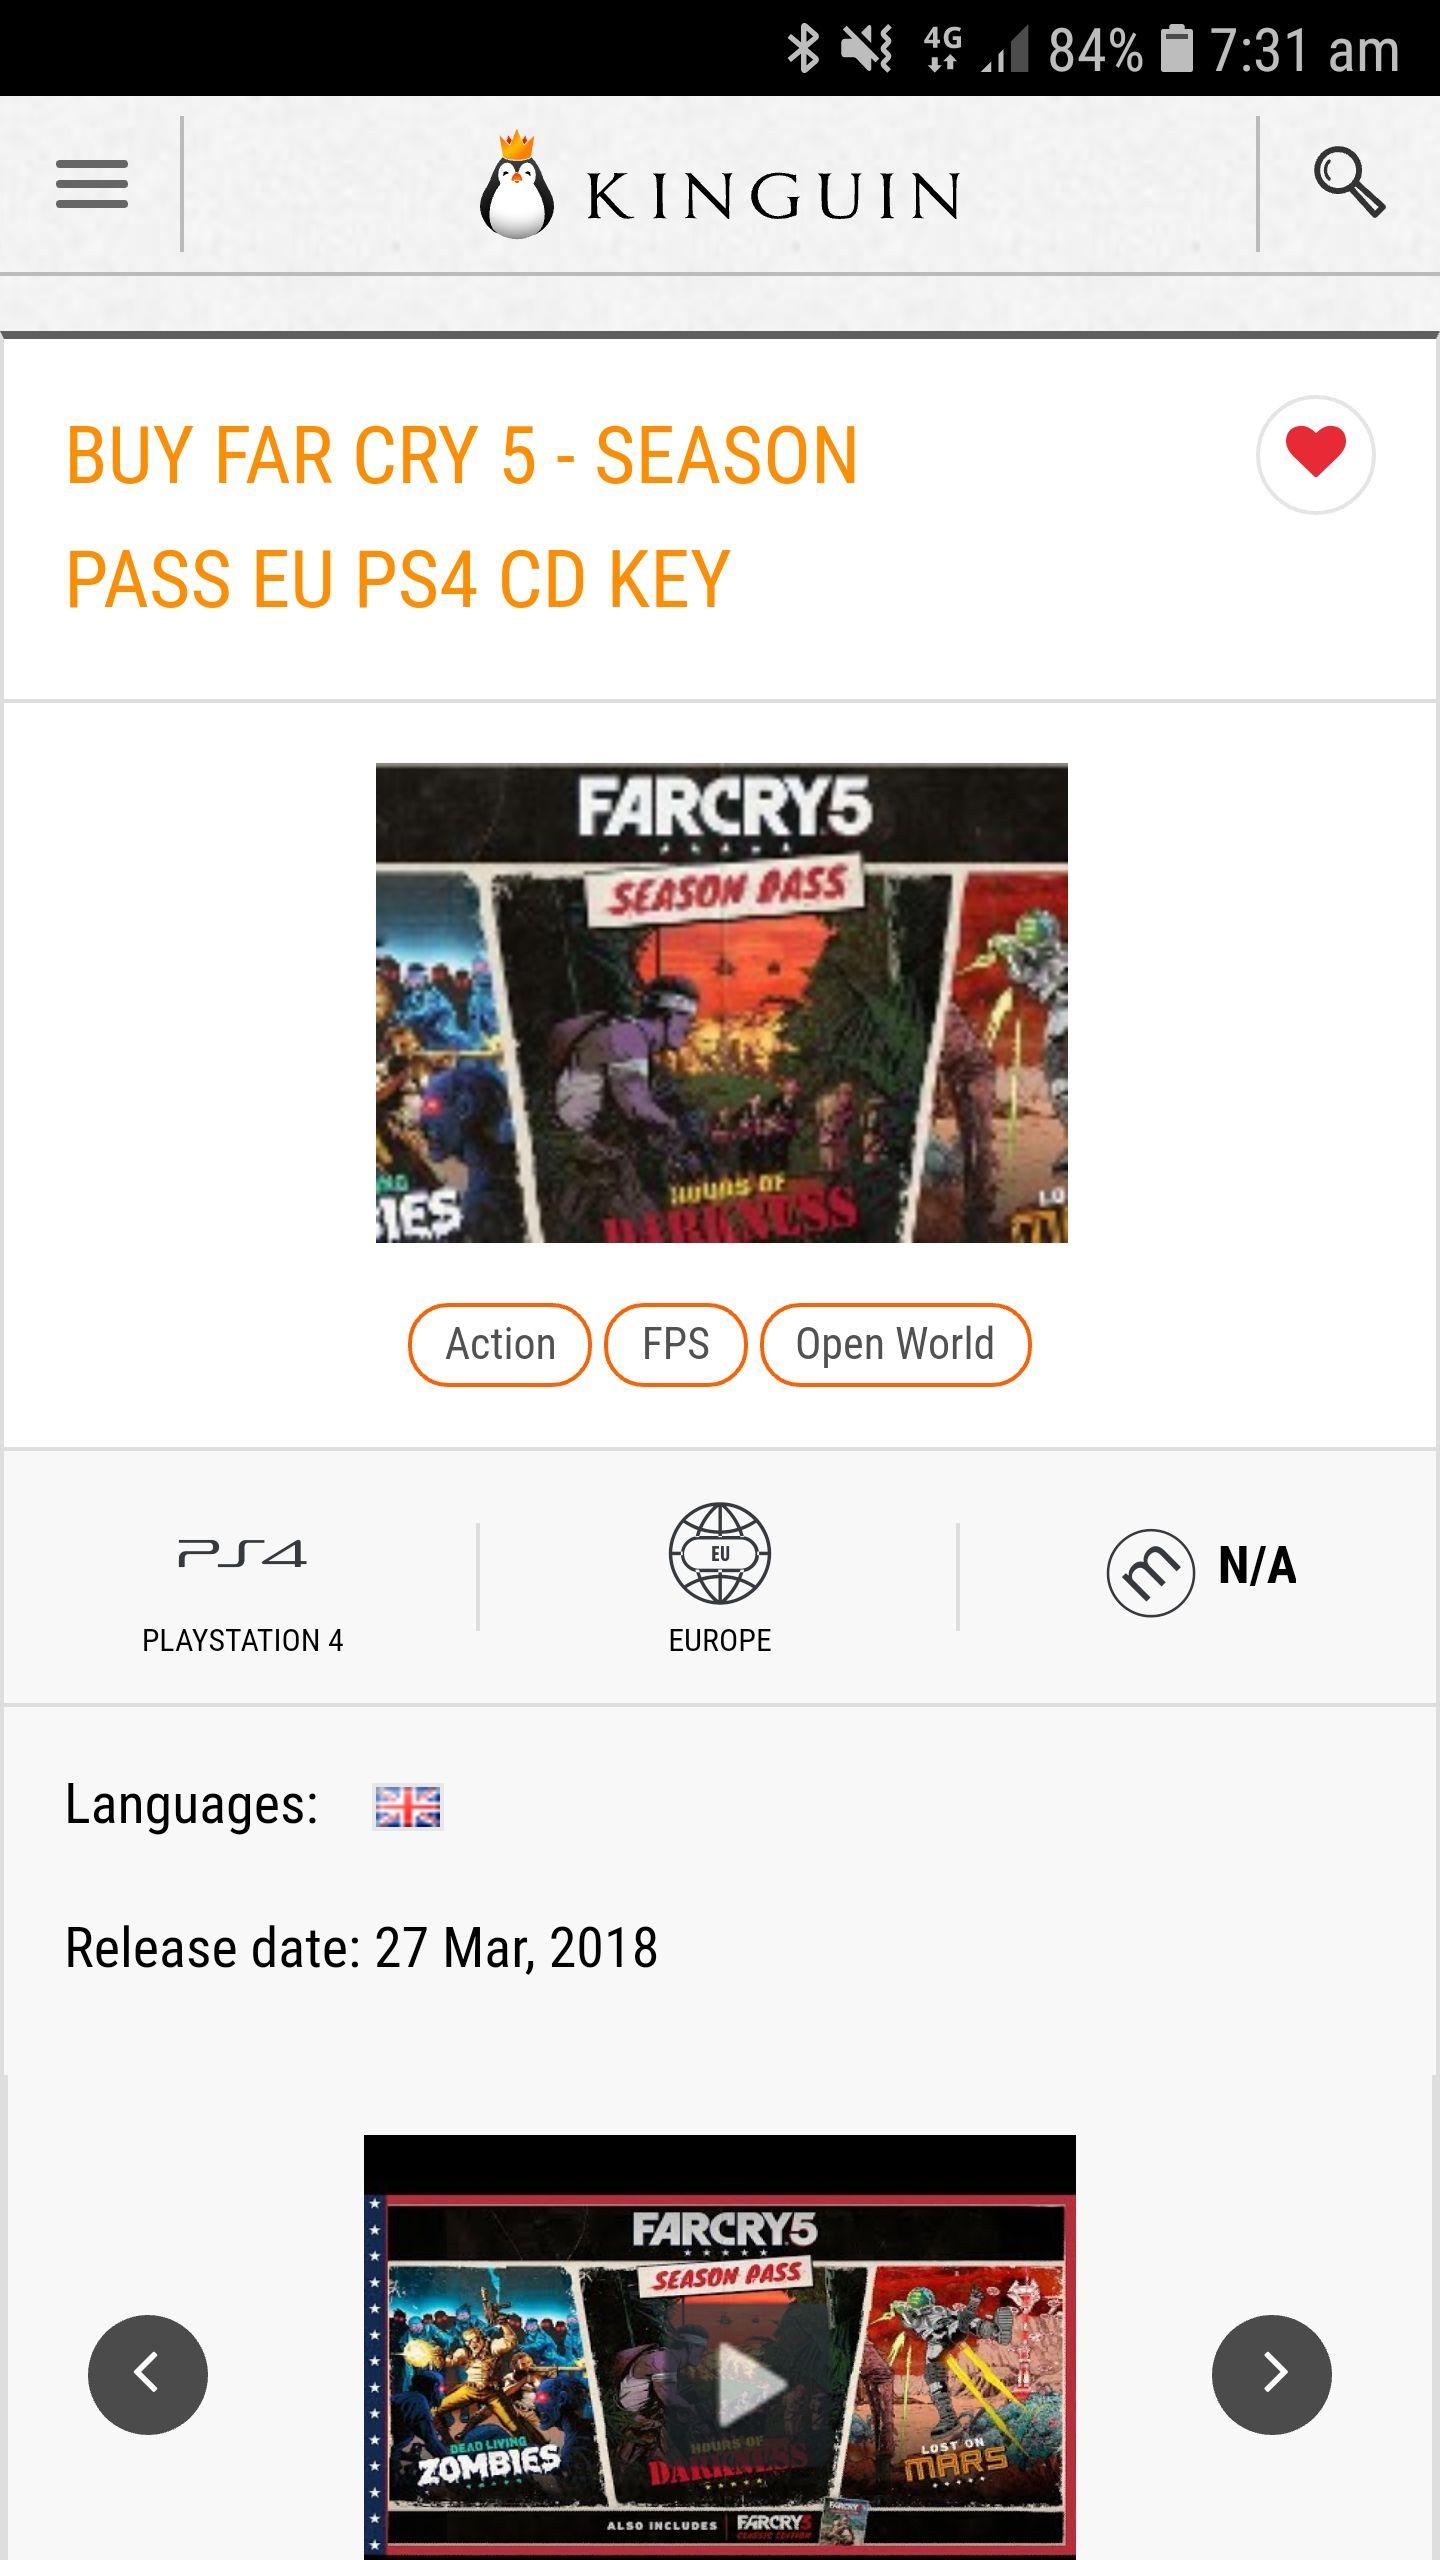 Far cry 5 season pass ps4 £12.58 at  Kinguin